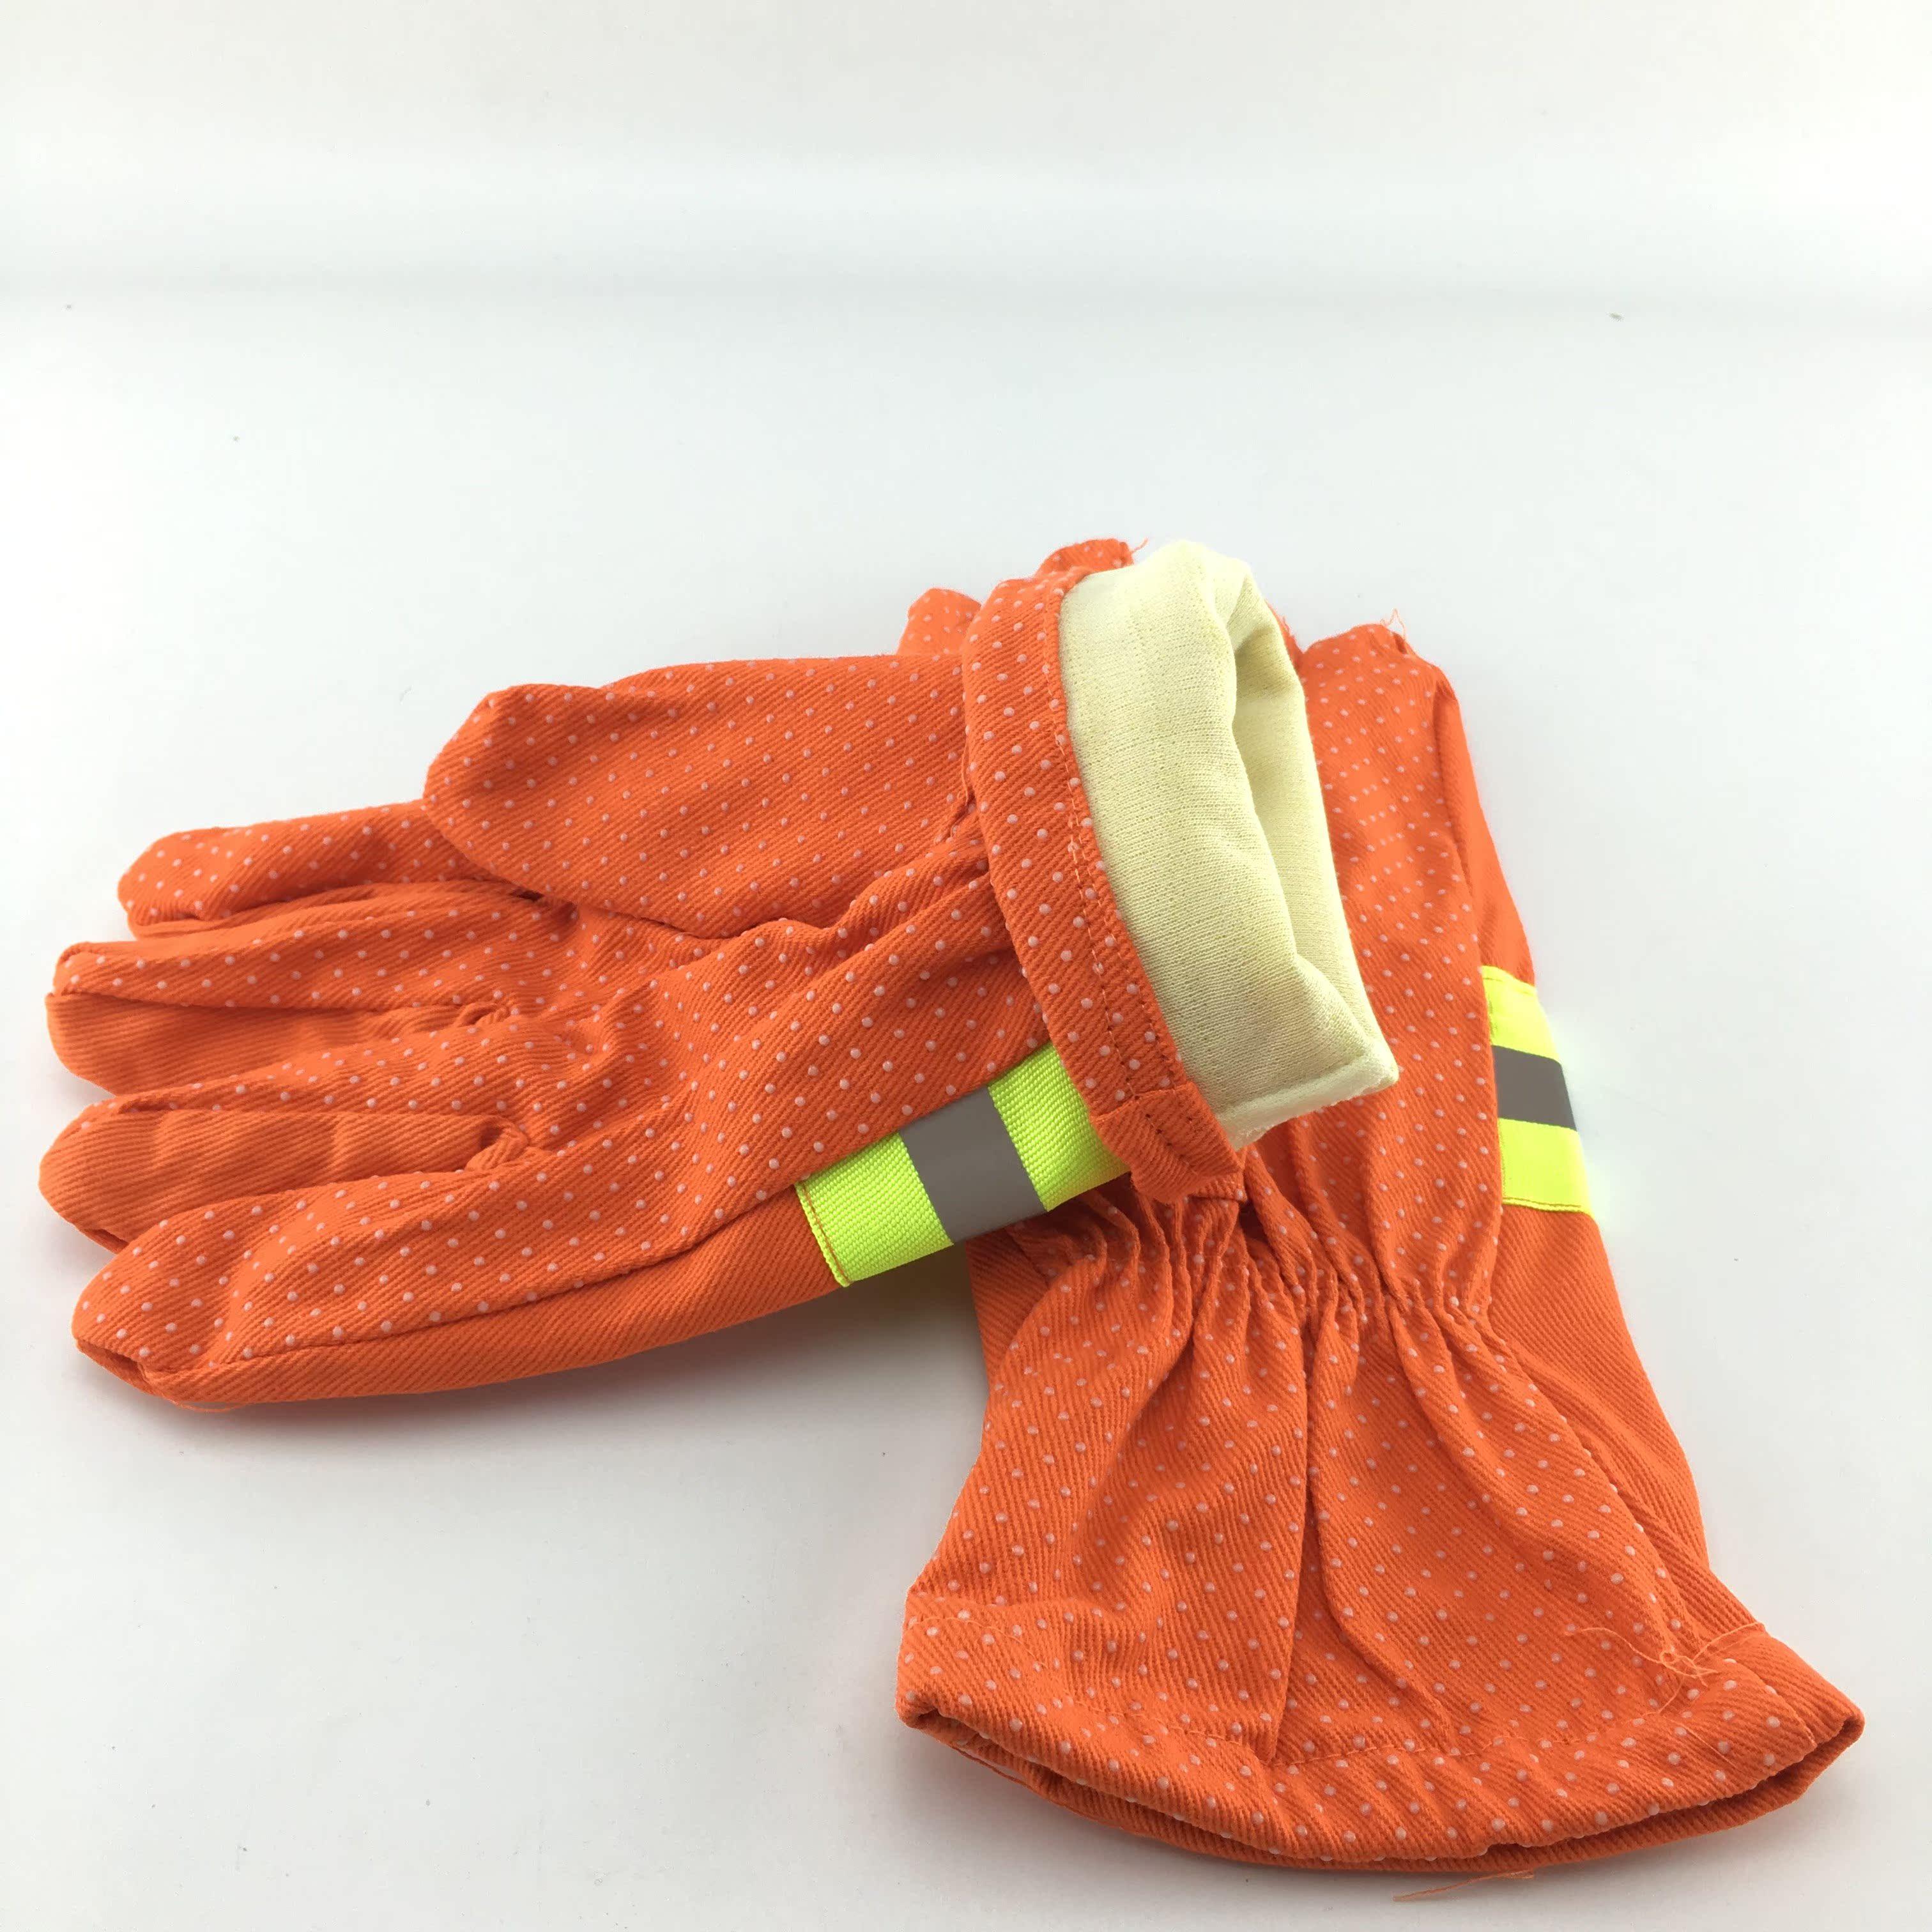 消防防护手套阻燃97款消防防滑防火带胶手套消防救援隔热手套包邮